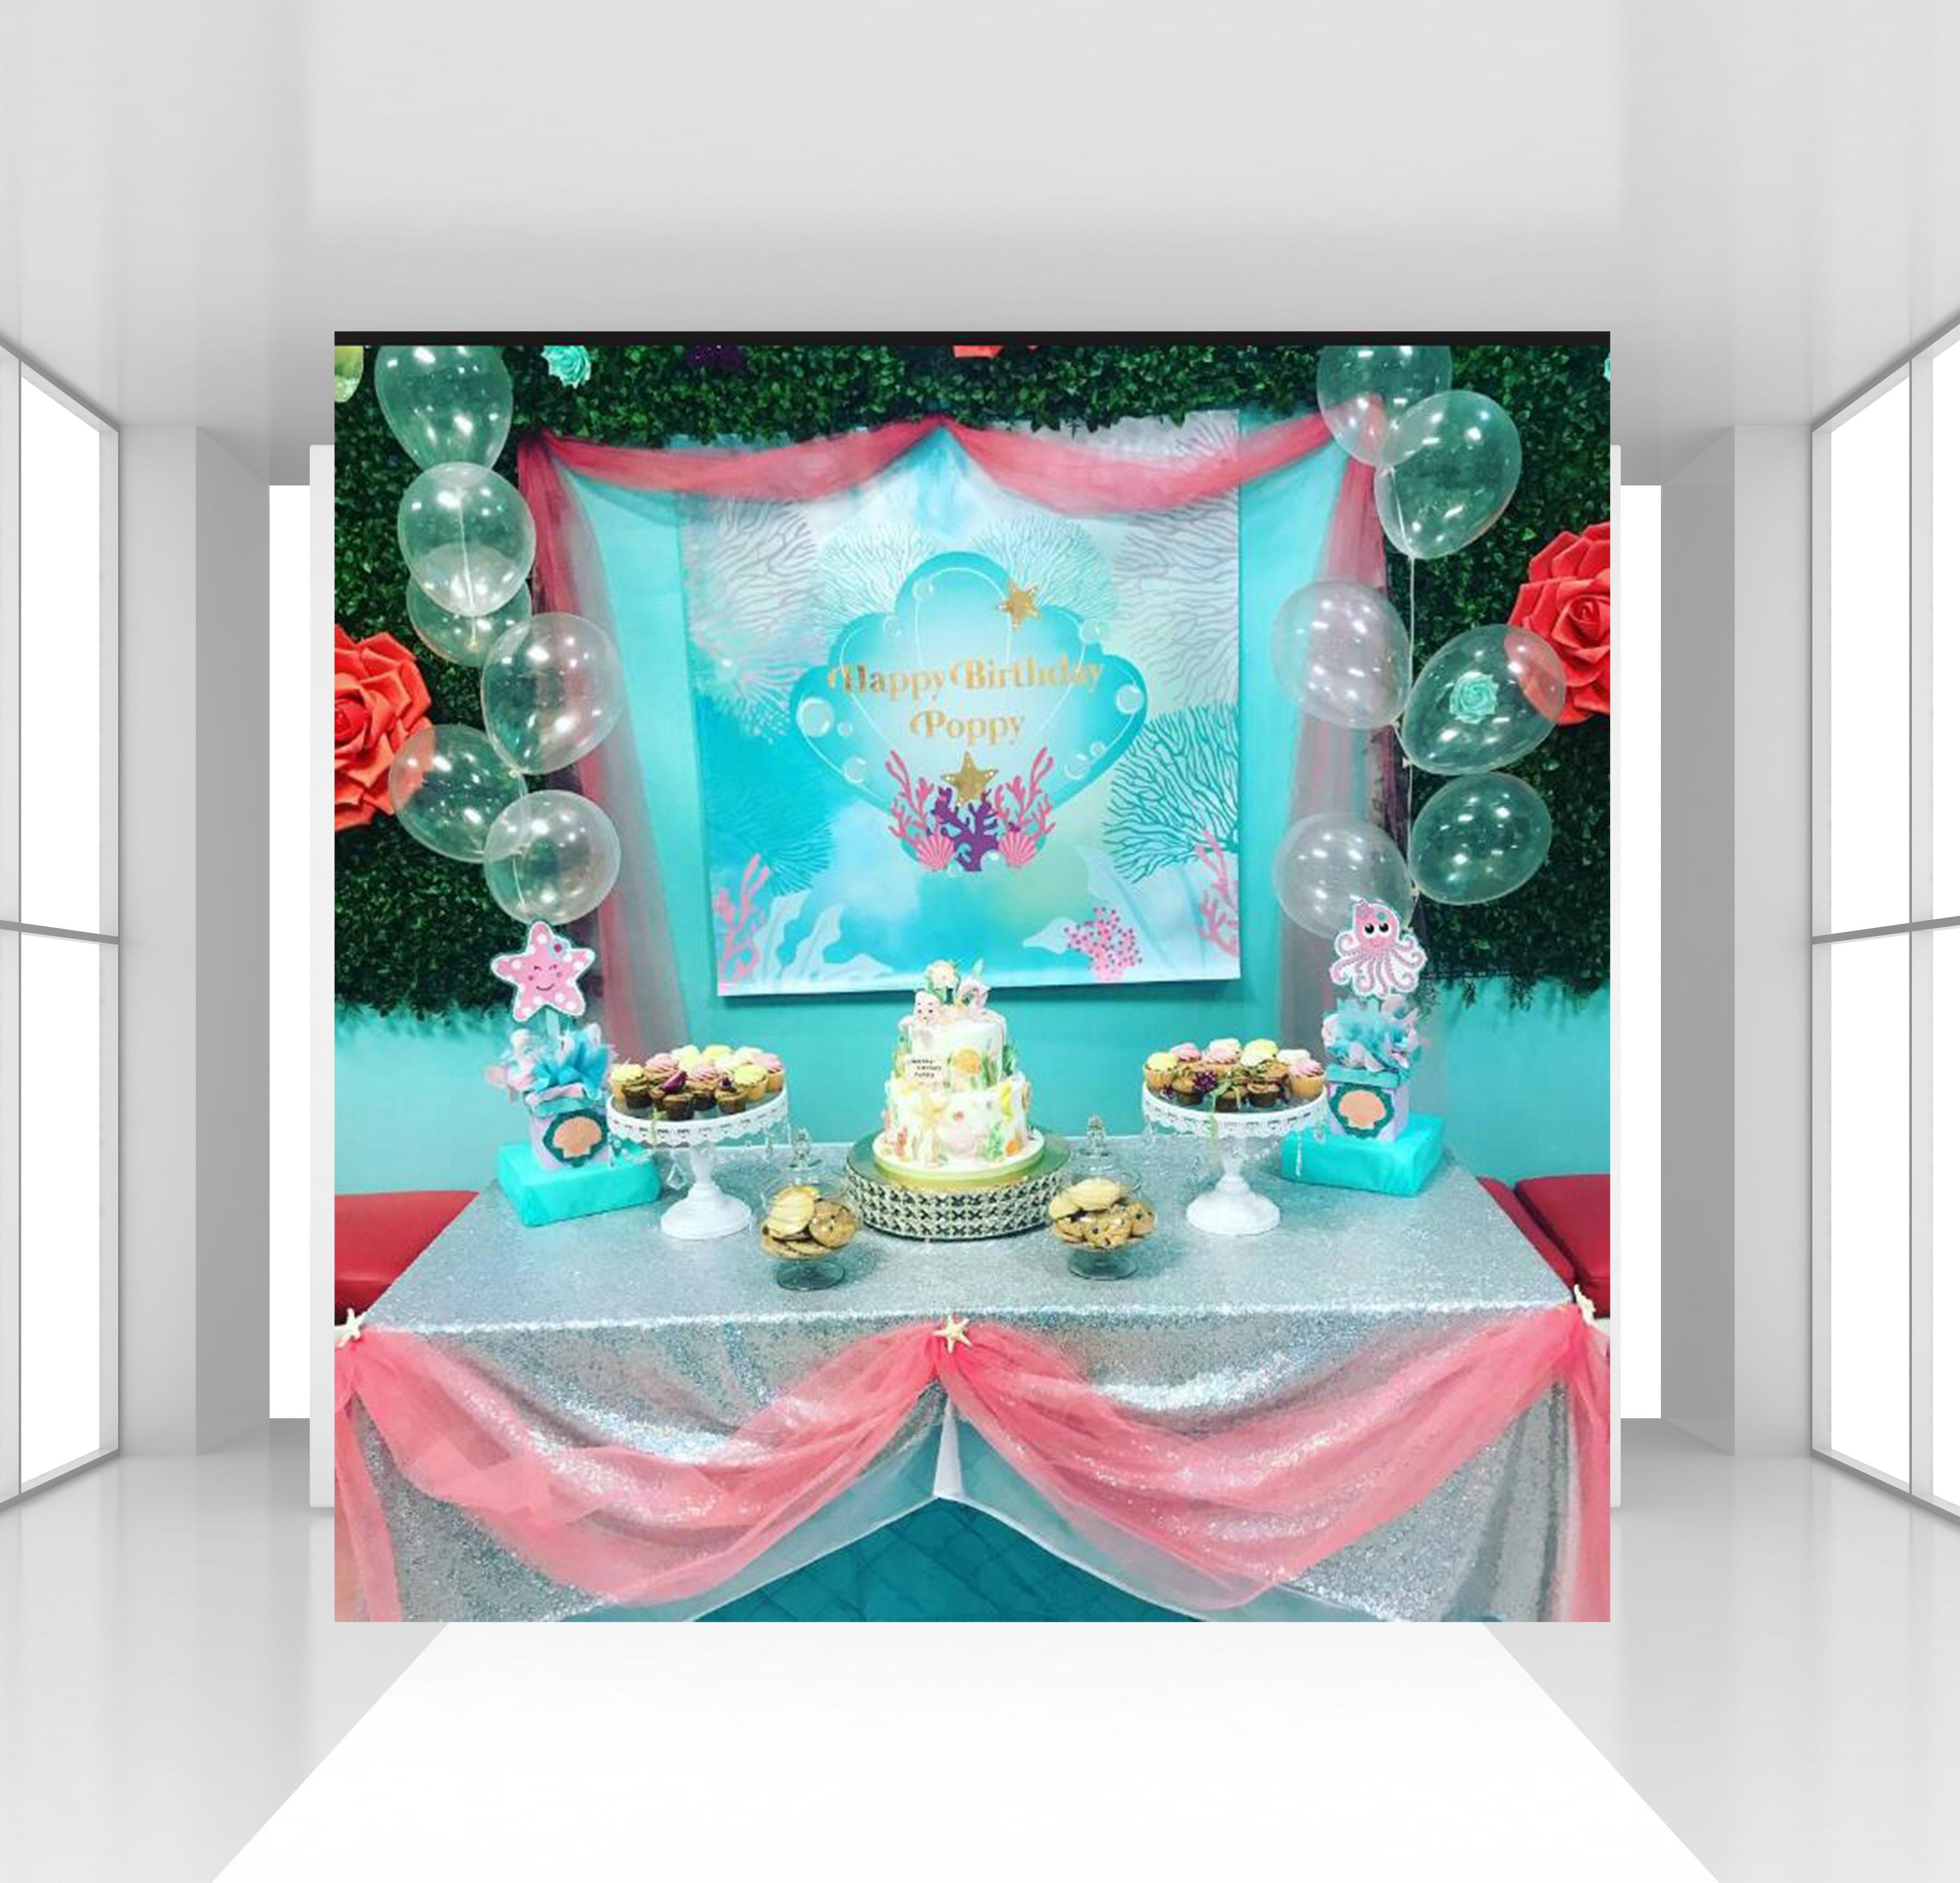 HUAYI personnalisé enfants sirène anniversaire toile de fond sous-marine océan Aquarium thème photographie toile de fond décor de fête